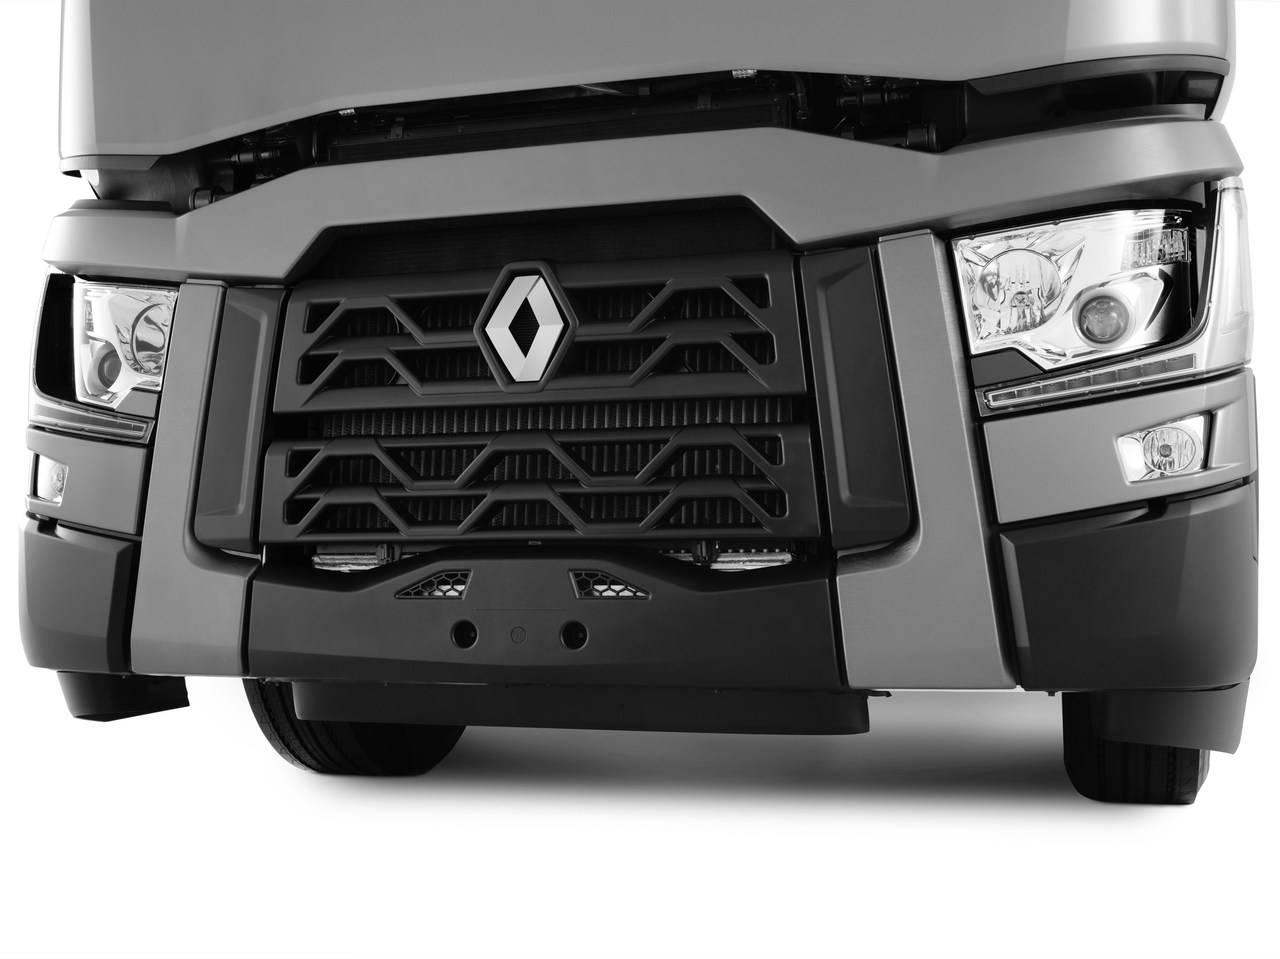 Promoción especial de 'renting' para la gama T de Renault